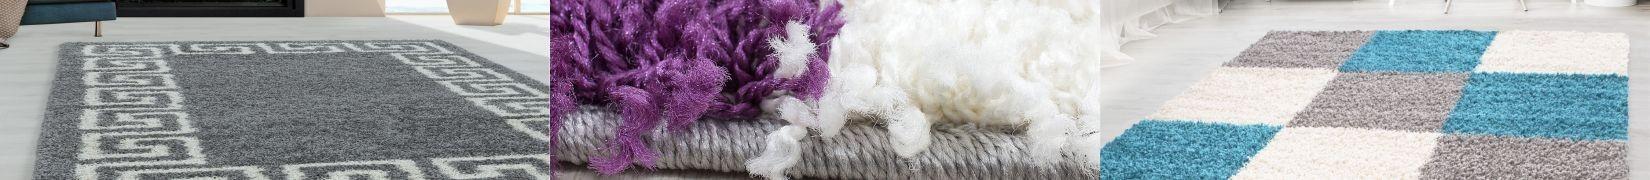 Dywany Shaggy. Kudłacze z długim włosiem do salonu, sypialni - sklep Śliczne Dywany